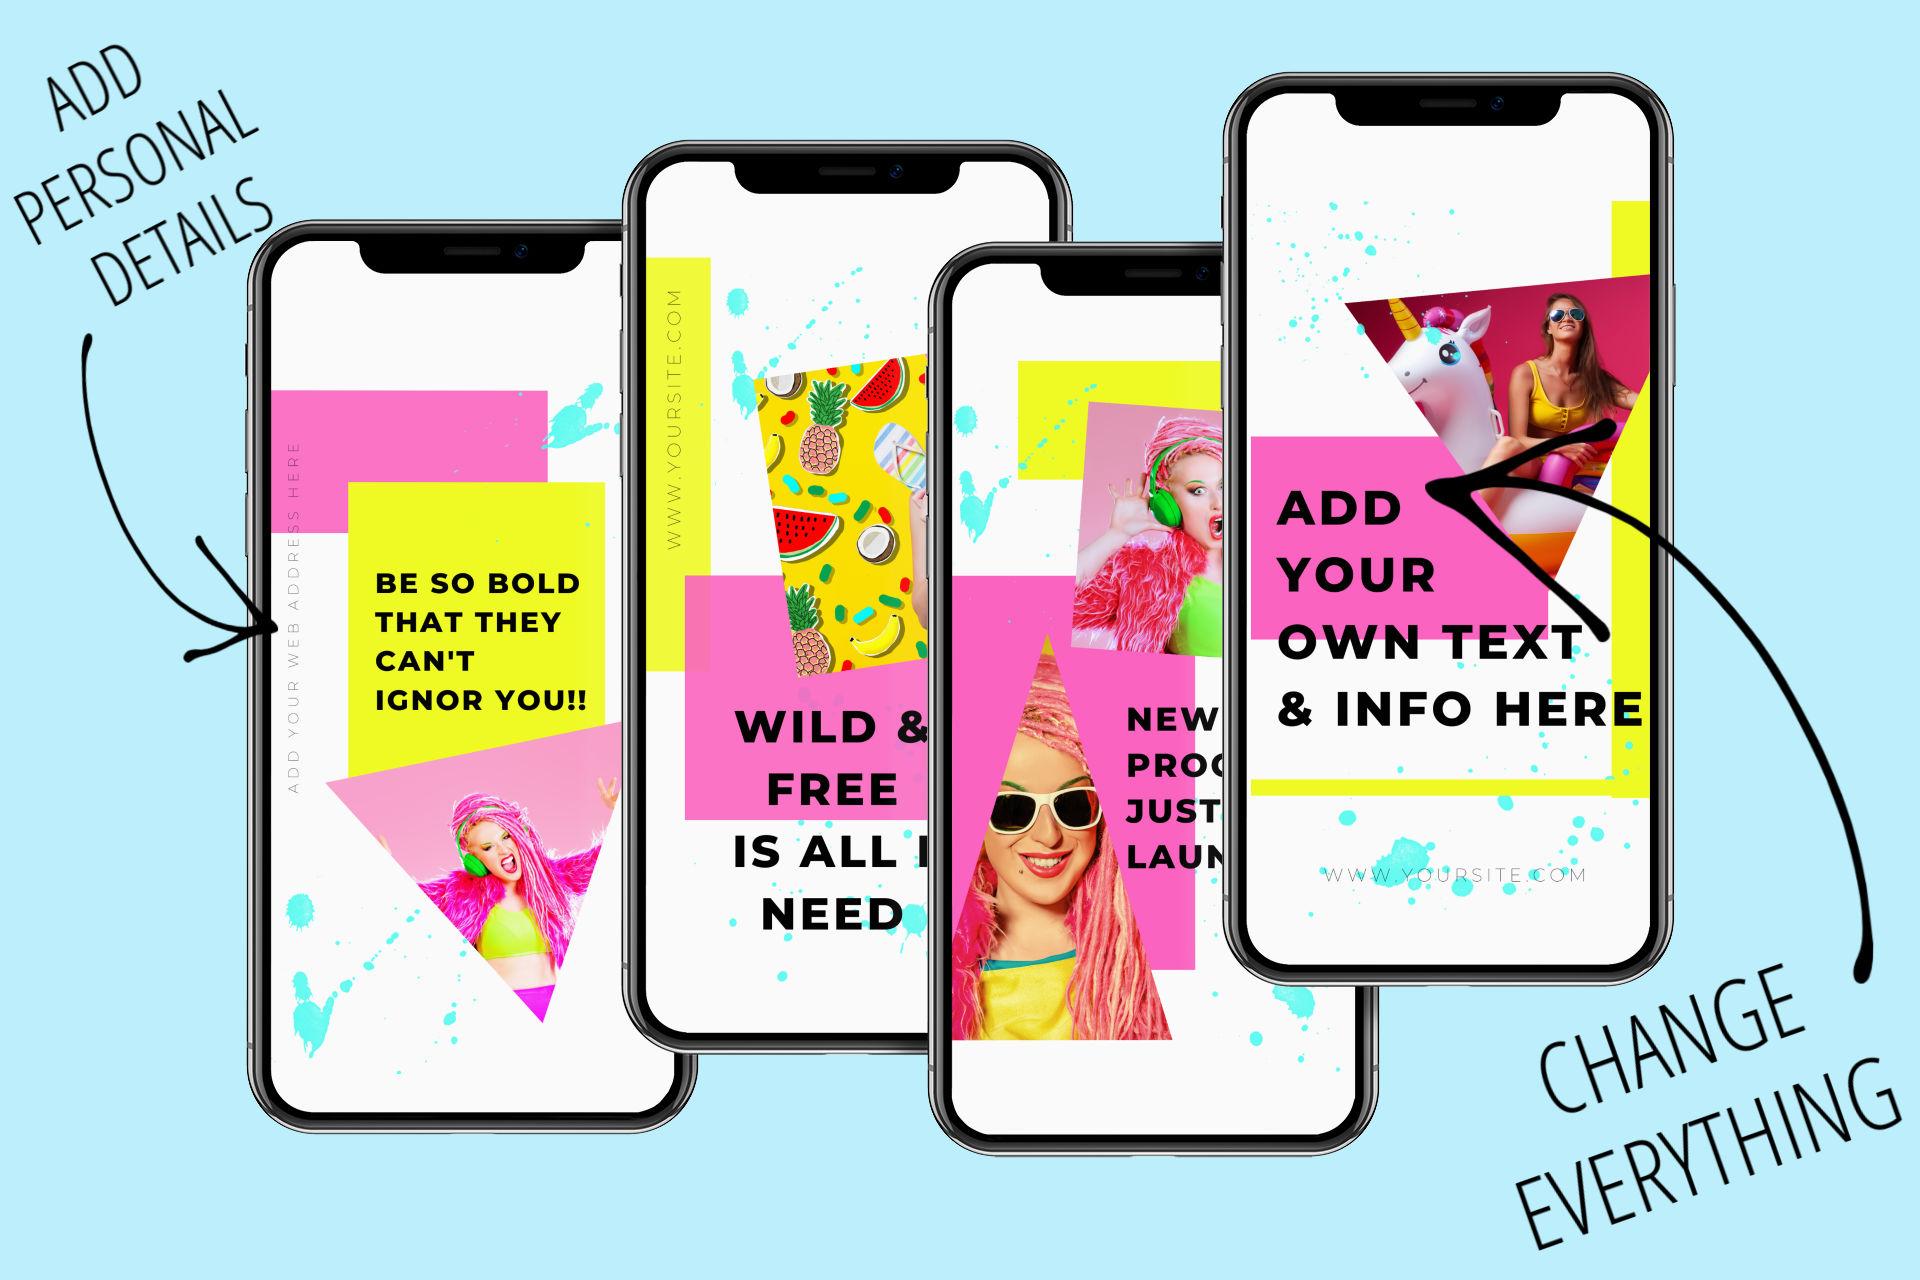 Wild & Free - Canva Ready Social Media Templates 4